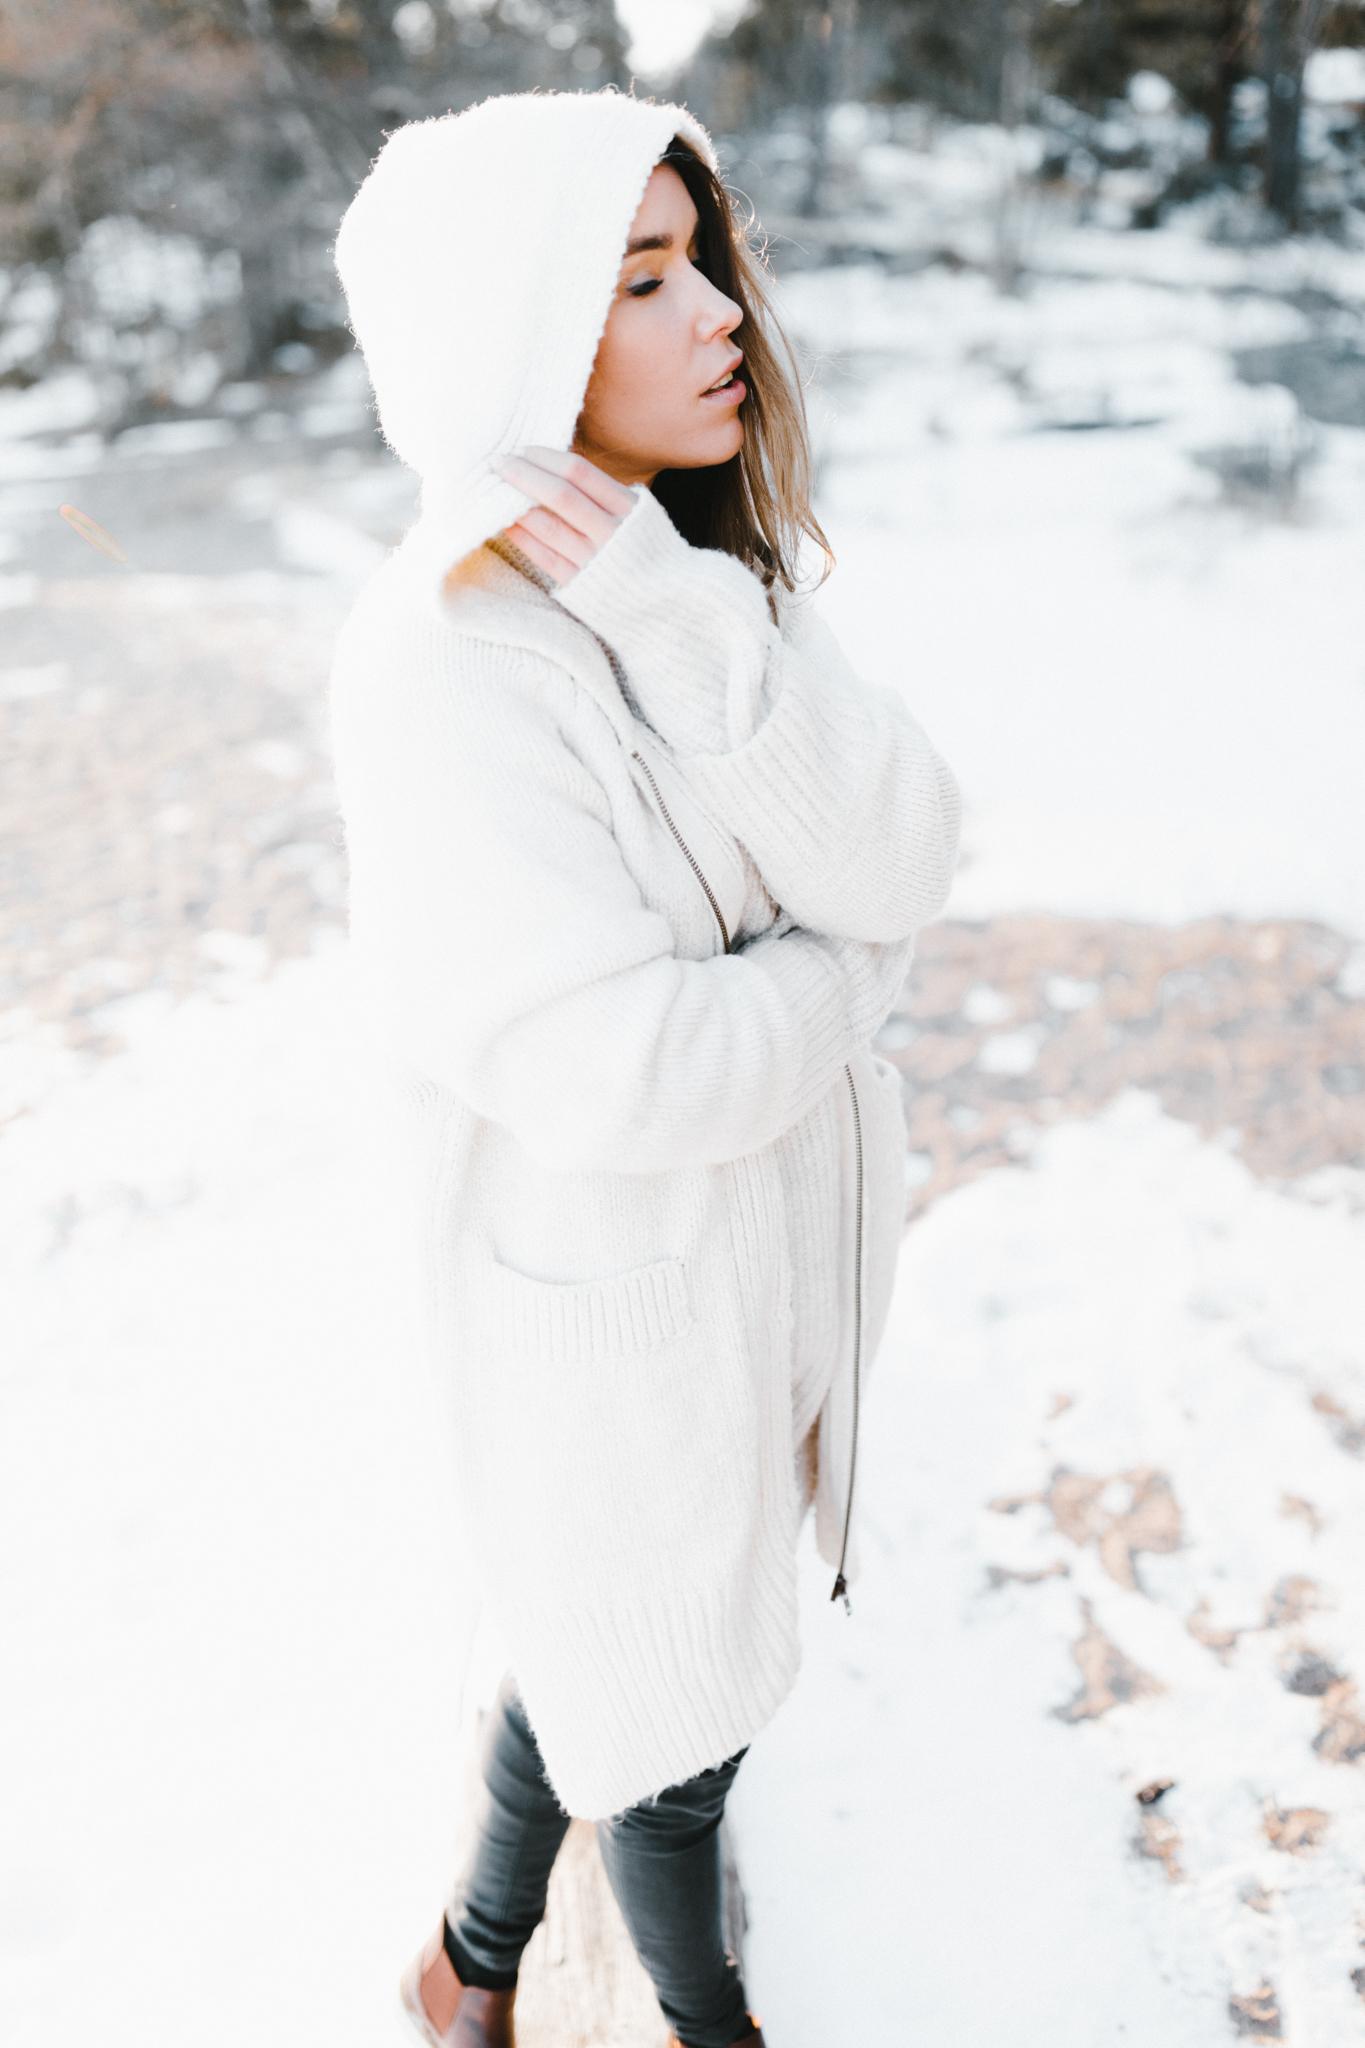 Julia Toivola -- Photos by Patrick Karkkolainen Photographer-99.jpg